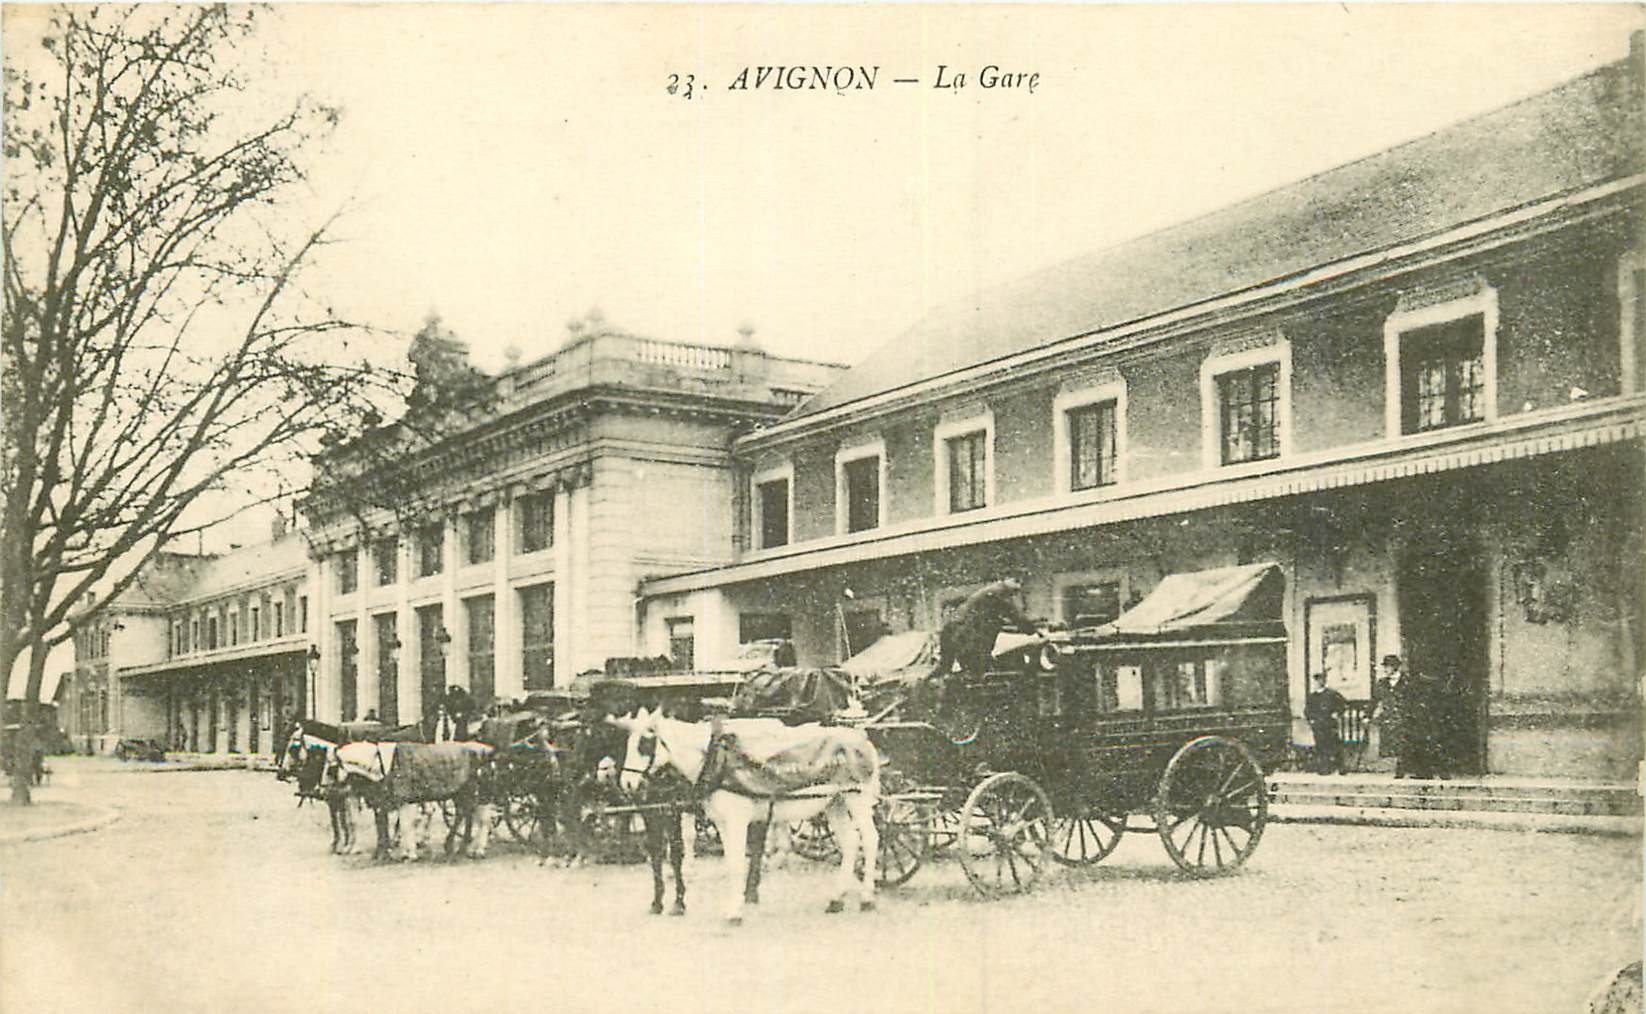 WW 84 AVIGNON. Attelages diligences devant la Gare 1918